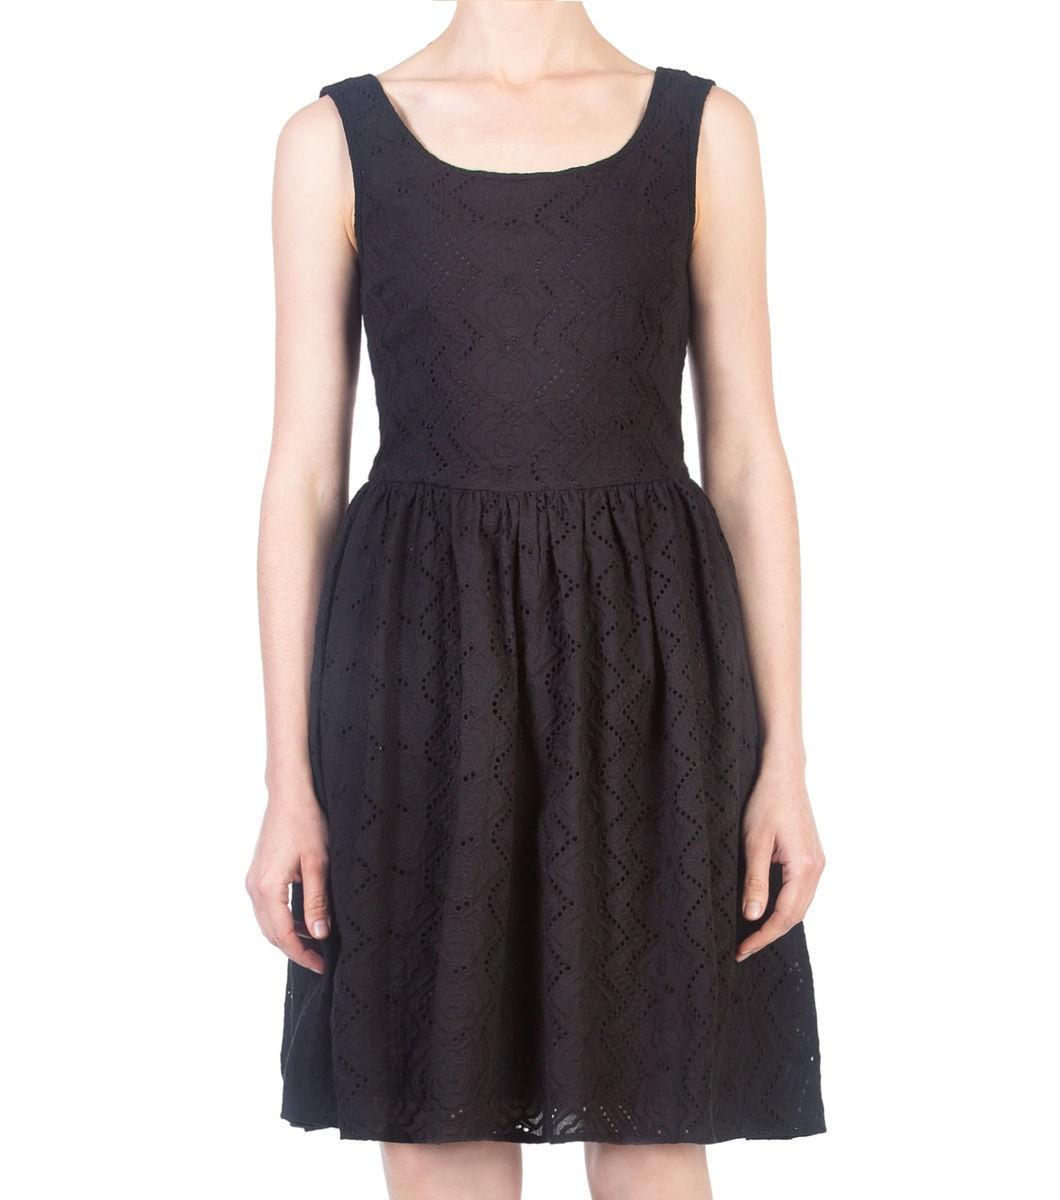 Carmen Miranda Dress